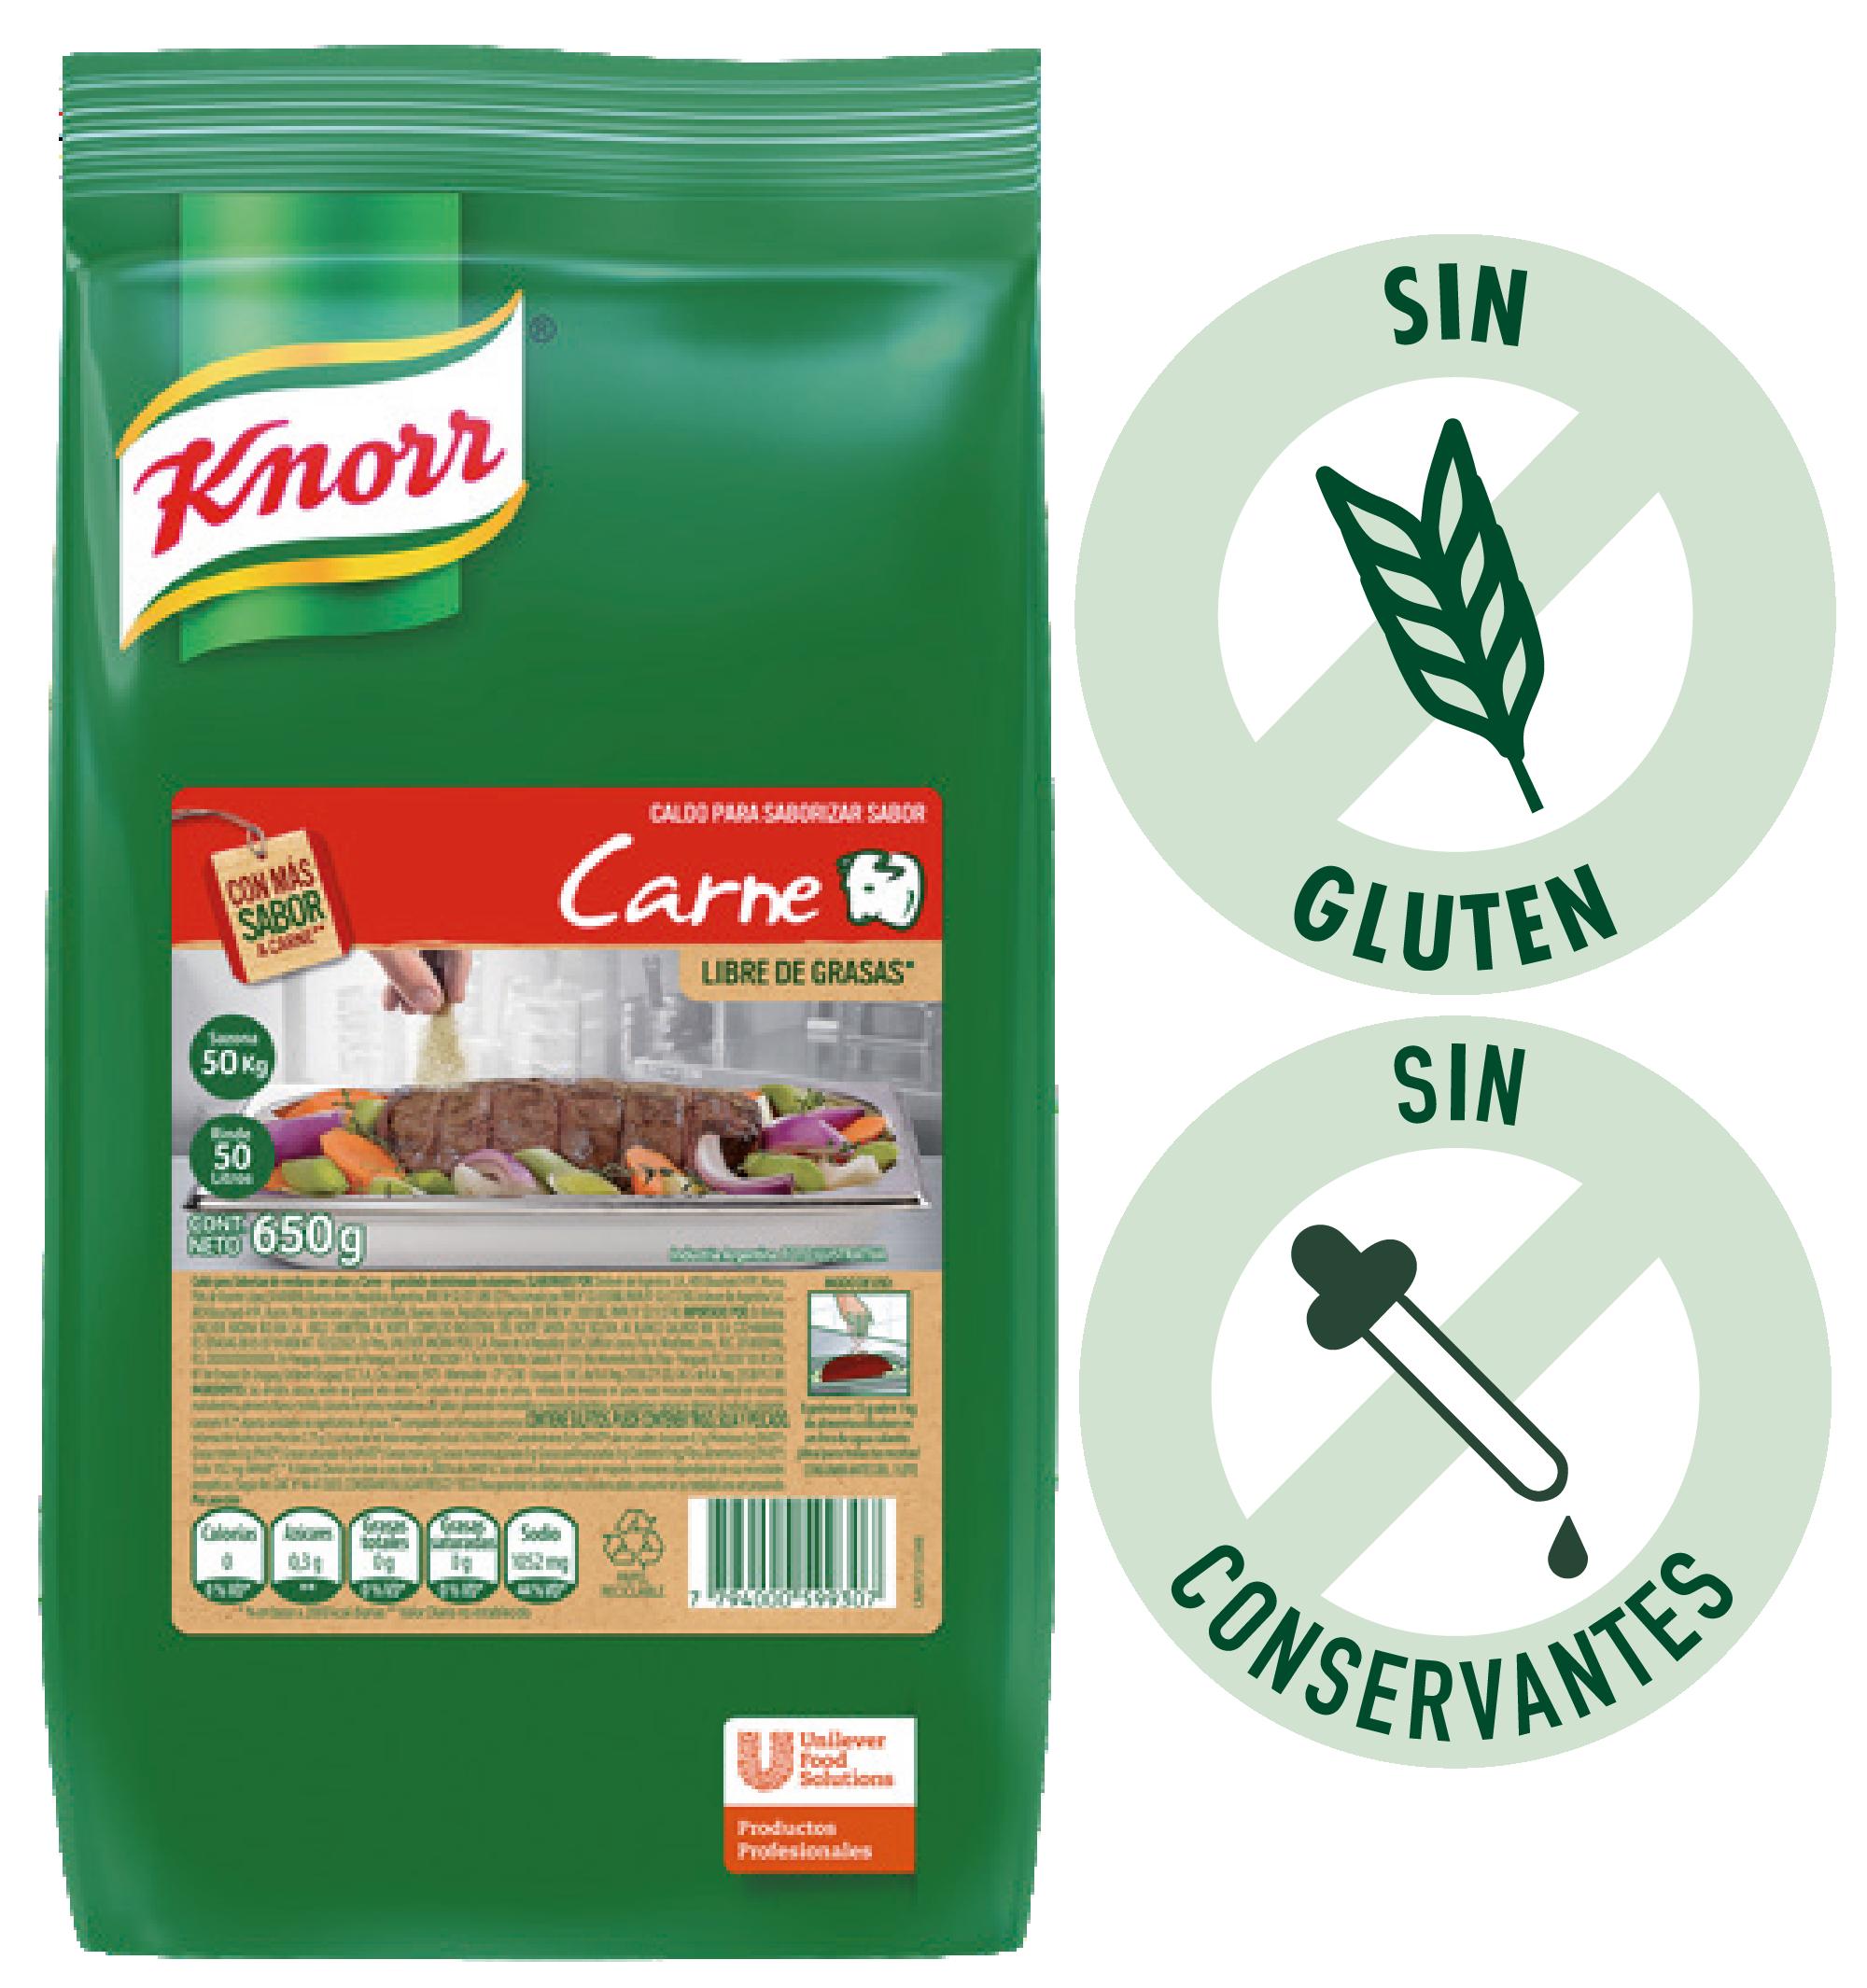 Caldo para Saborizar de Carne Knorr 650g - Los Caldos Granulados Knorr te ayudan a realzar ese sabor. Probalos!